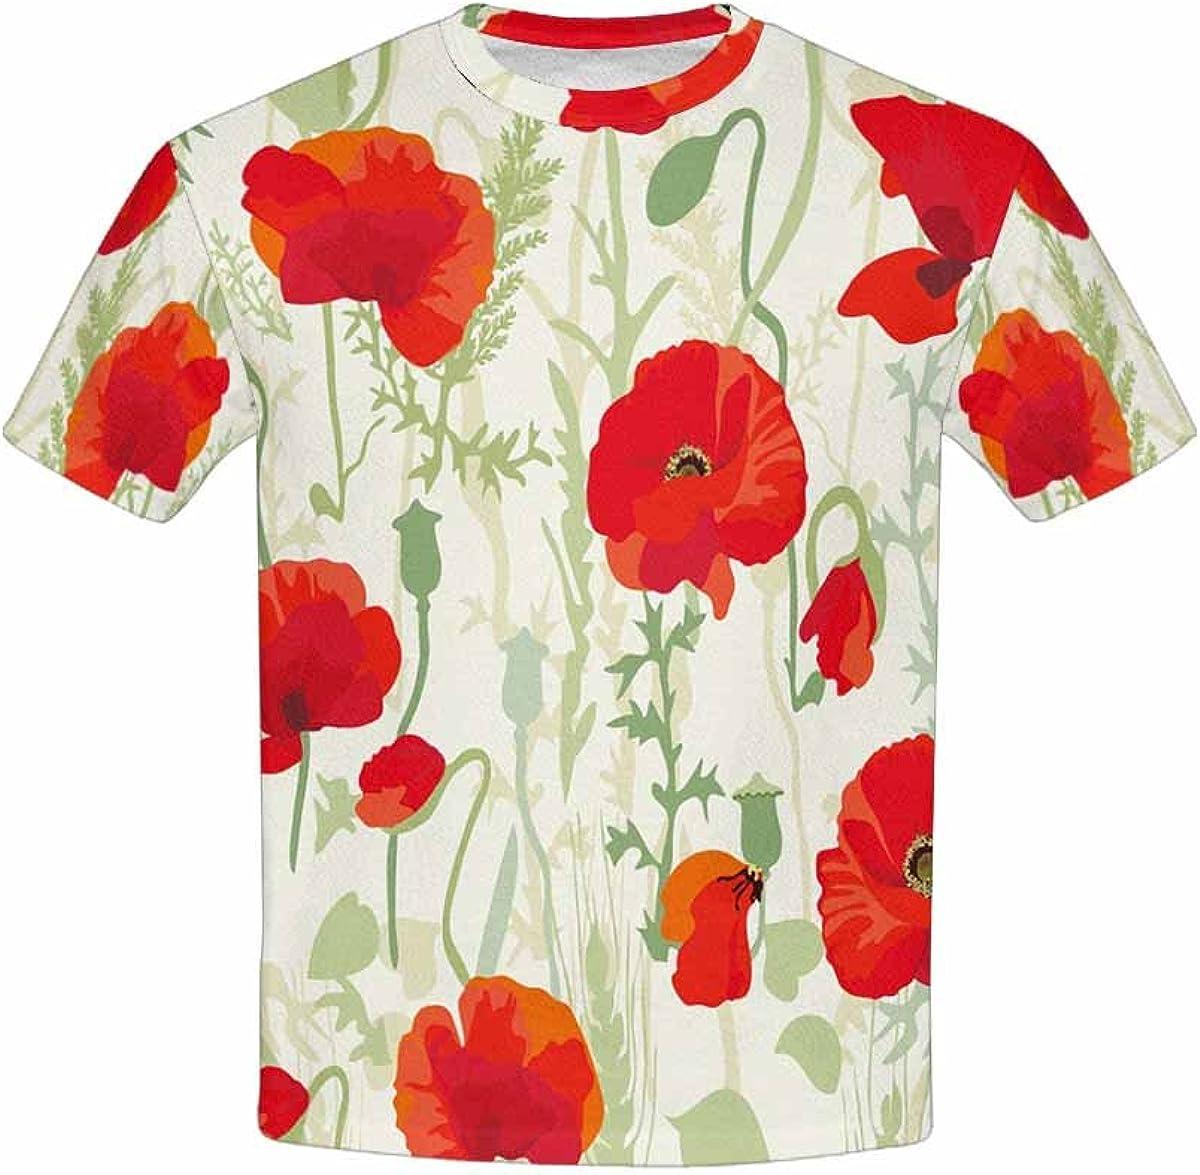 XS-XL INTERESTPRINT Poppy Field Red Poppy Theme Youth T-Shirts